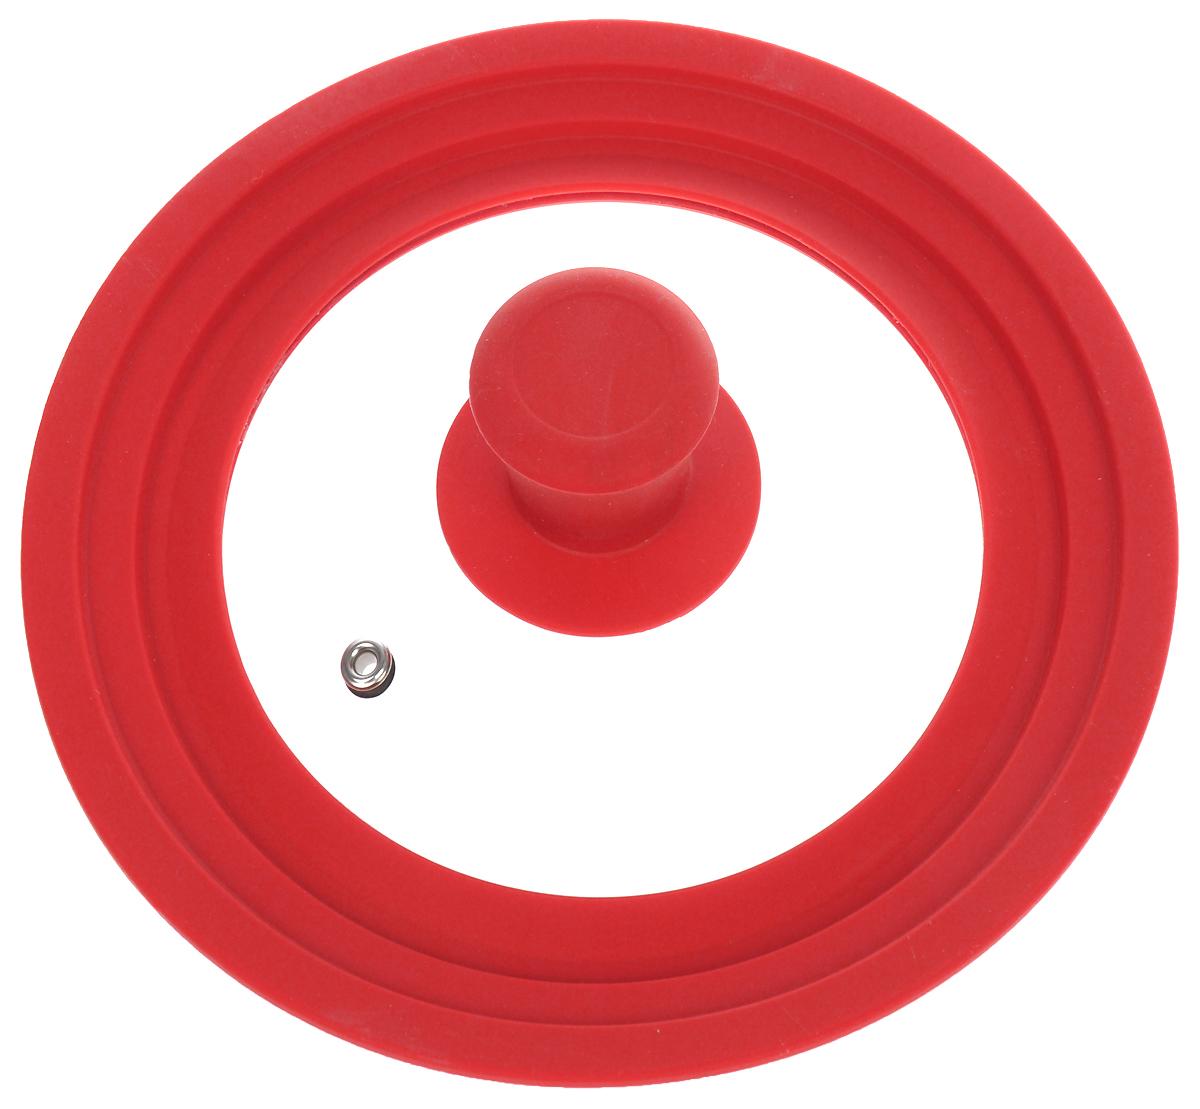 """Крышка универсальная """"Miolla"""", цвет: красный, для сковород и кастрюль диаметром 16, 18, 20 см"""